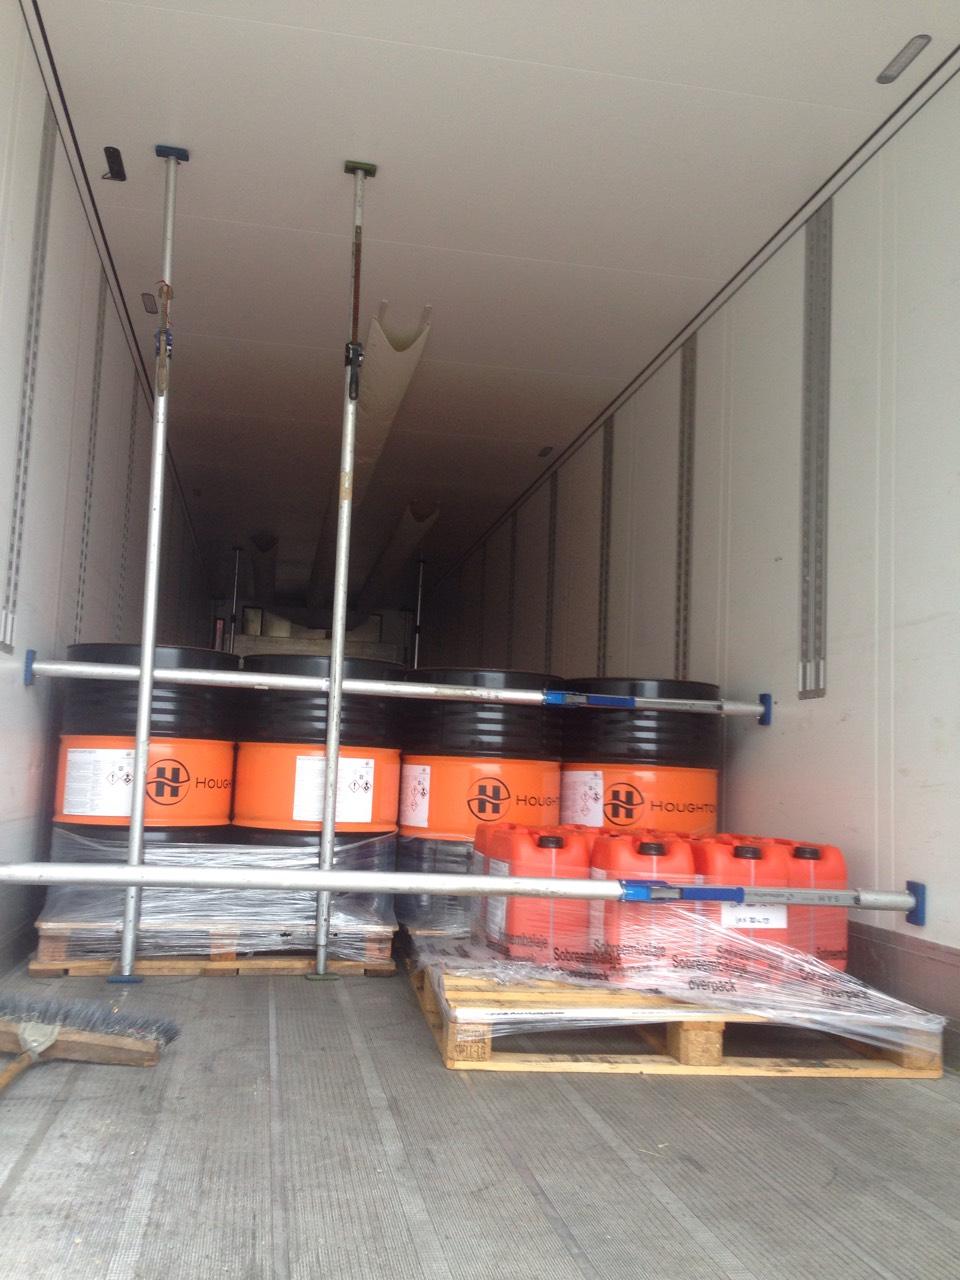 Transportation of hydraulic fluid from Spain (ADR 3), фото-2